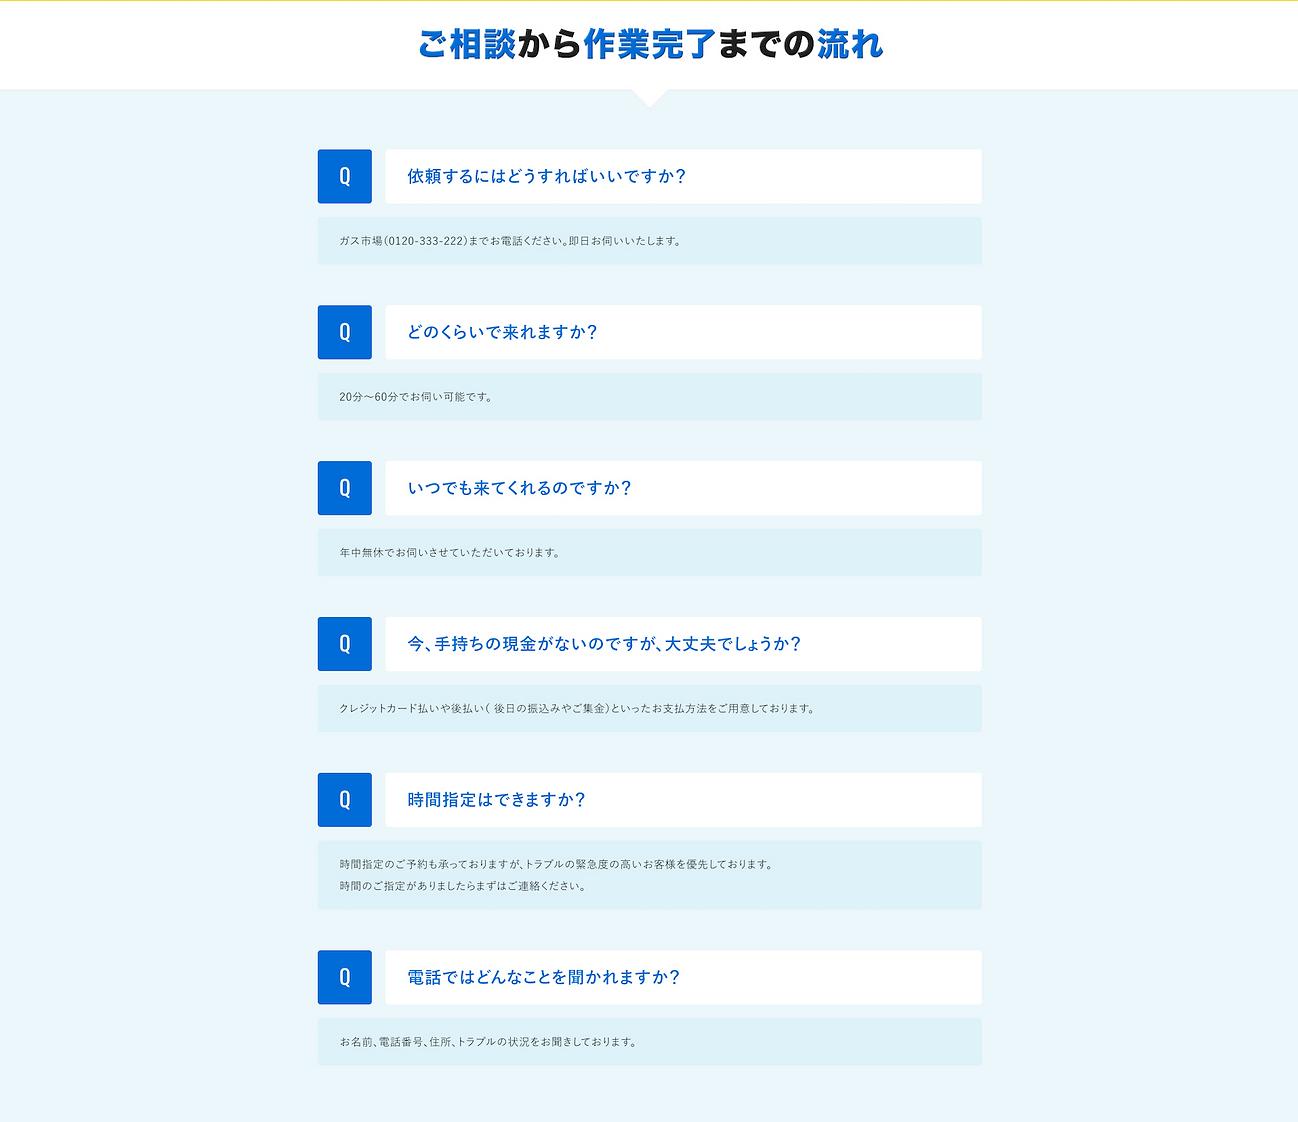 スクリーンショット 2020-08-25 12.47.05.png